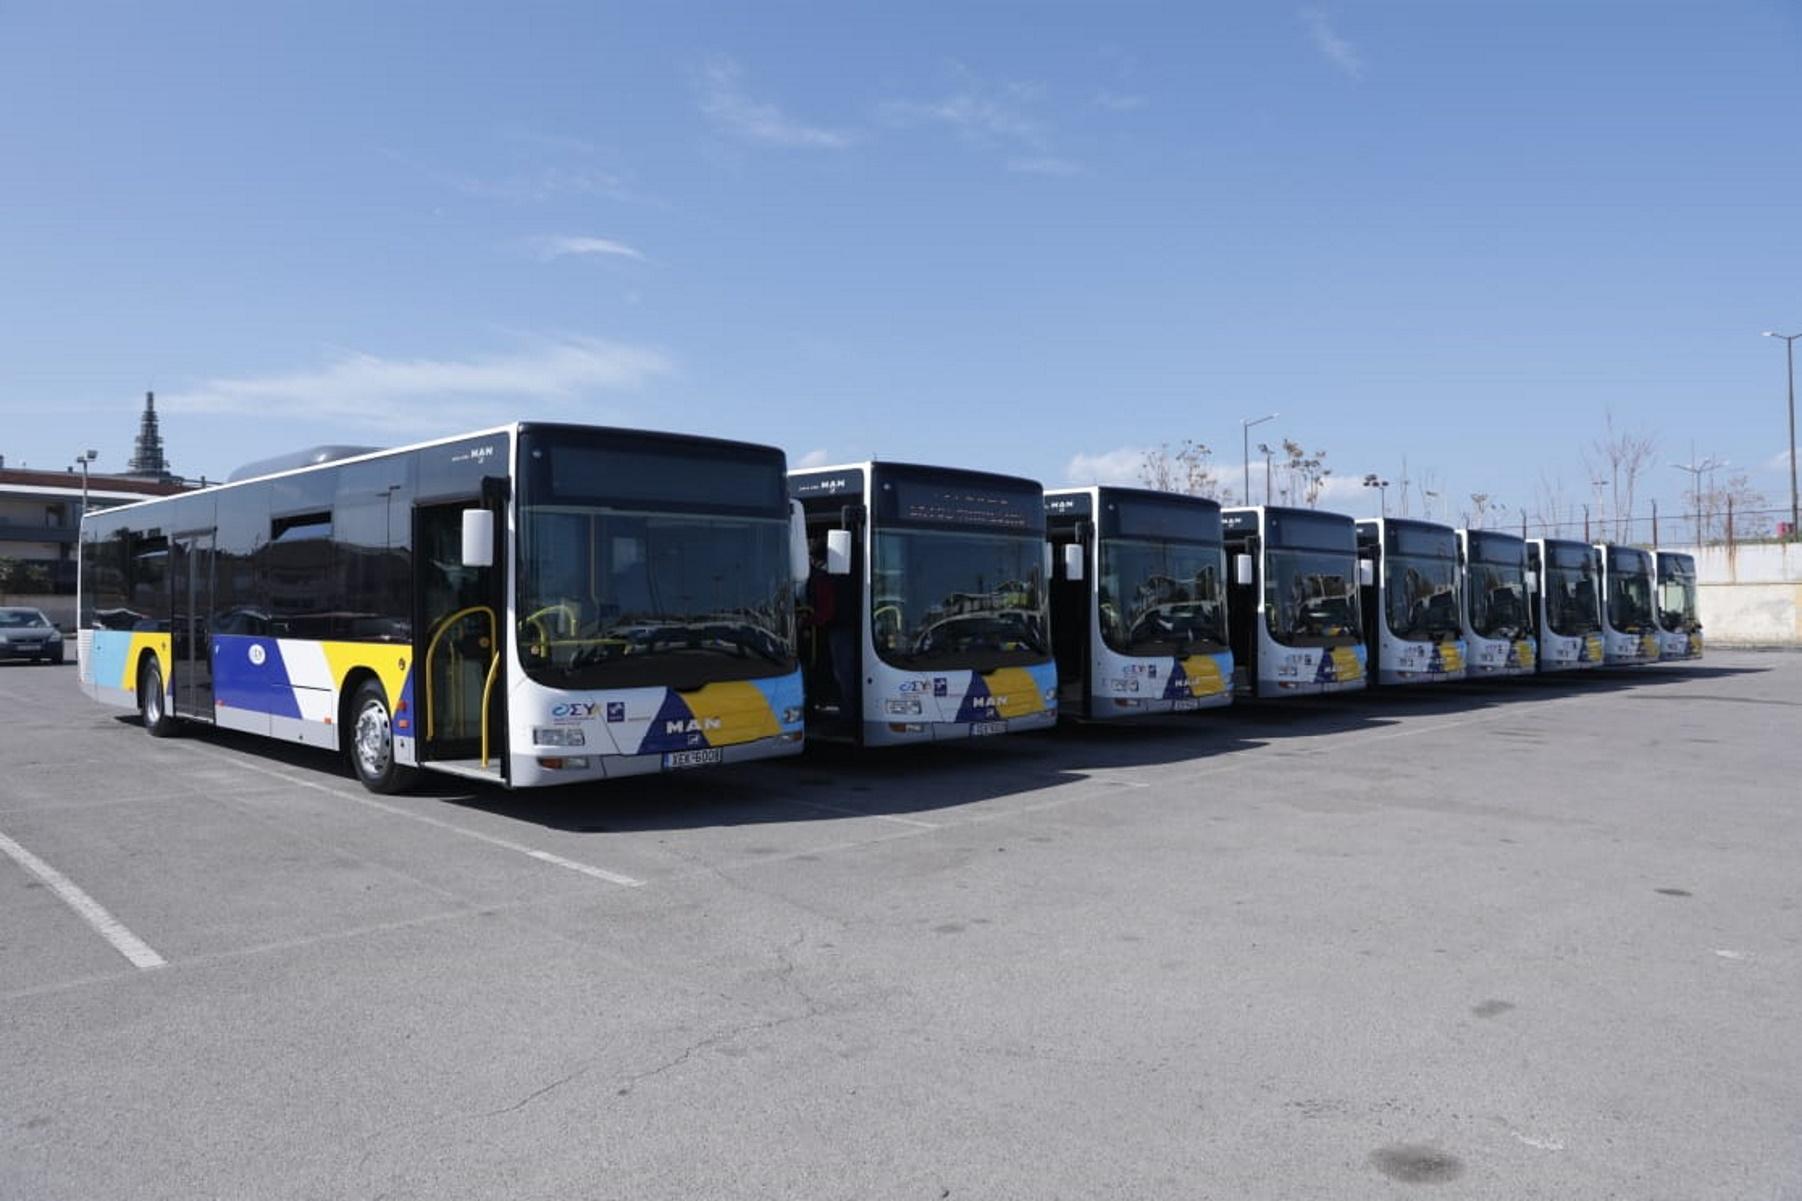 Τα πρώτα 40 λεωφορεία με leasing βγαίνουν στους δρόμους της Αθήνας (pics)